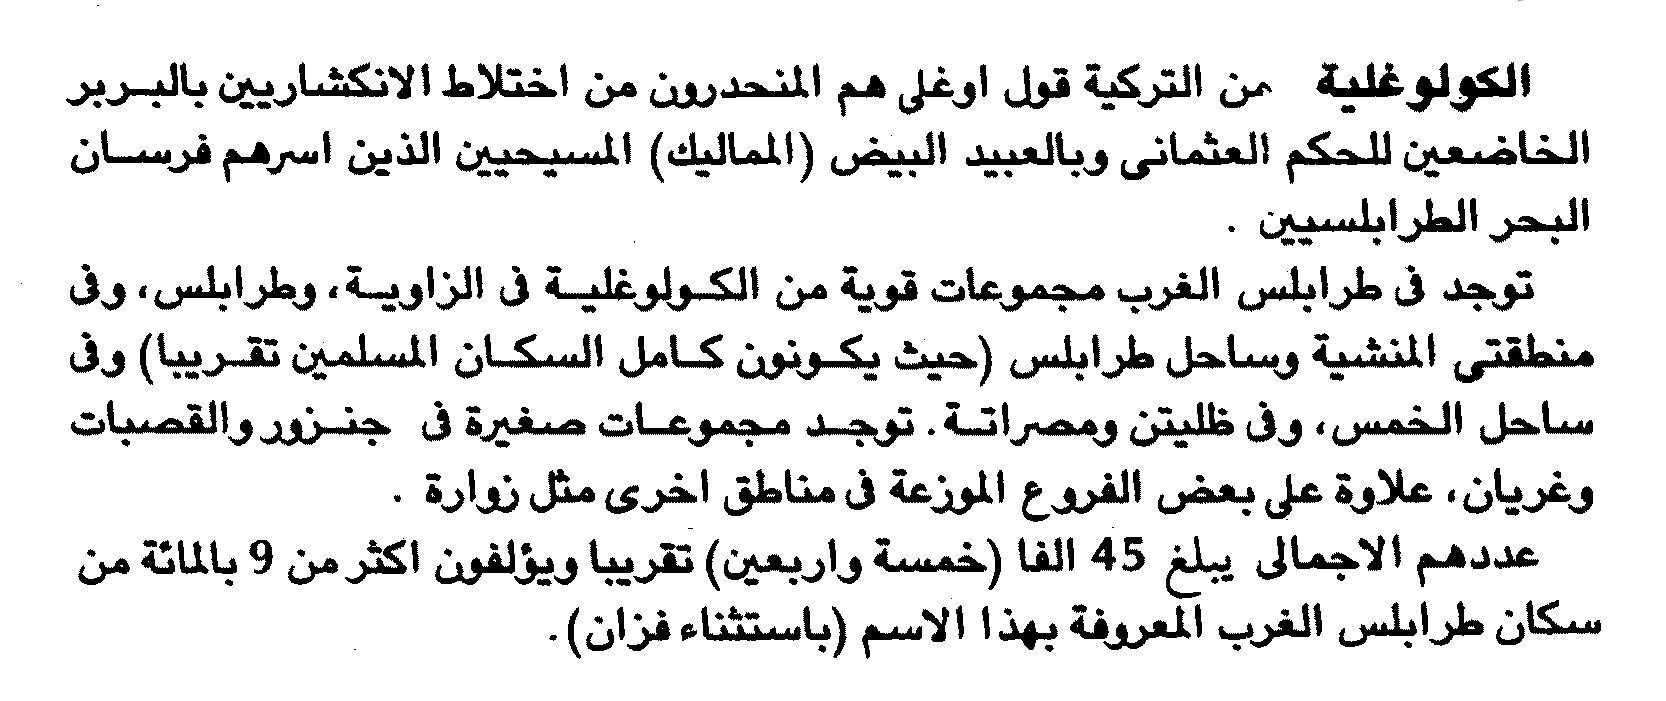 اسماعيل كمالي الارناؤوط سكان طرابلس الغرب ص60 الكولوغلية